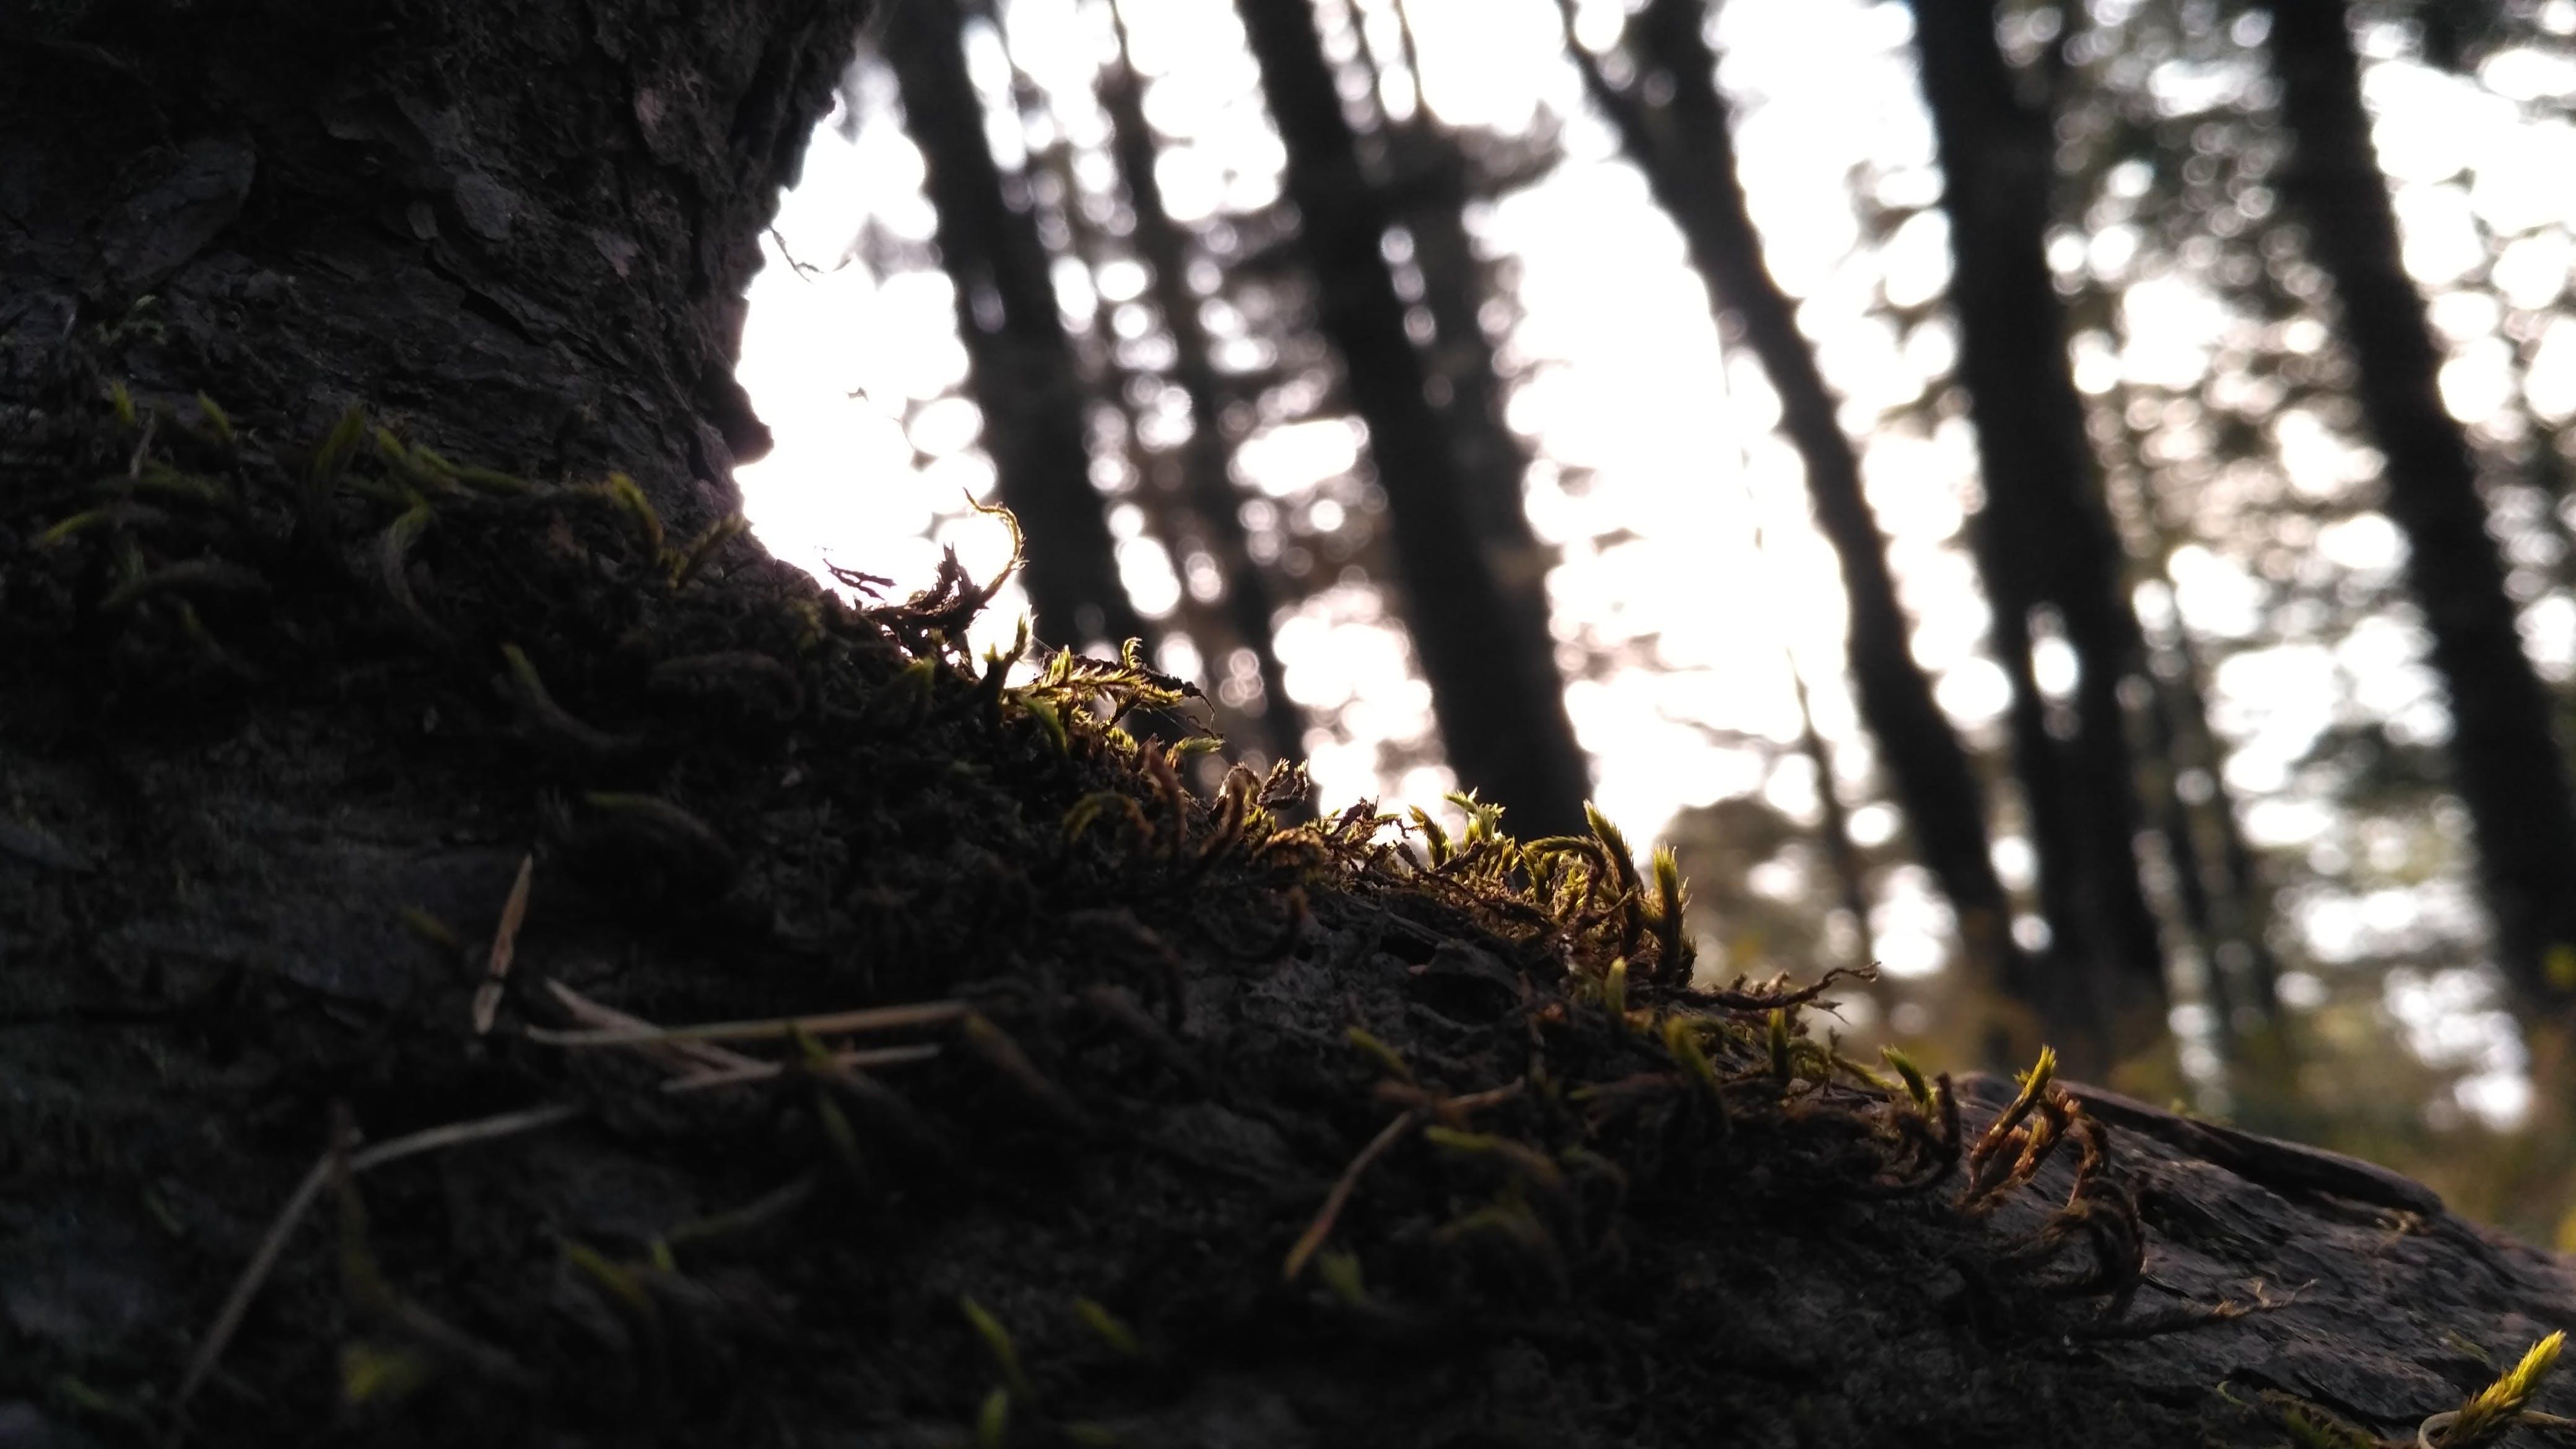 Gratis lagerfoto af mos, træ